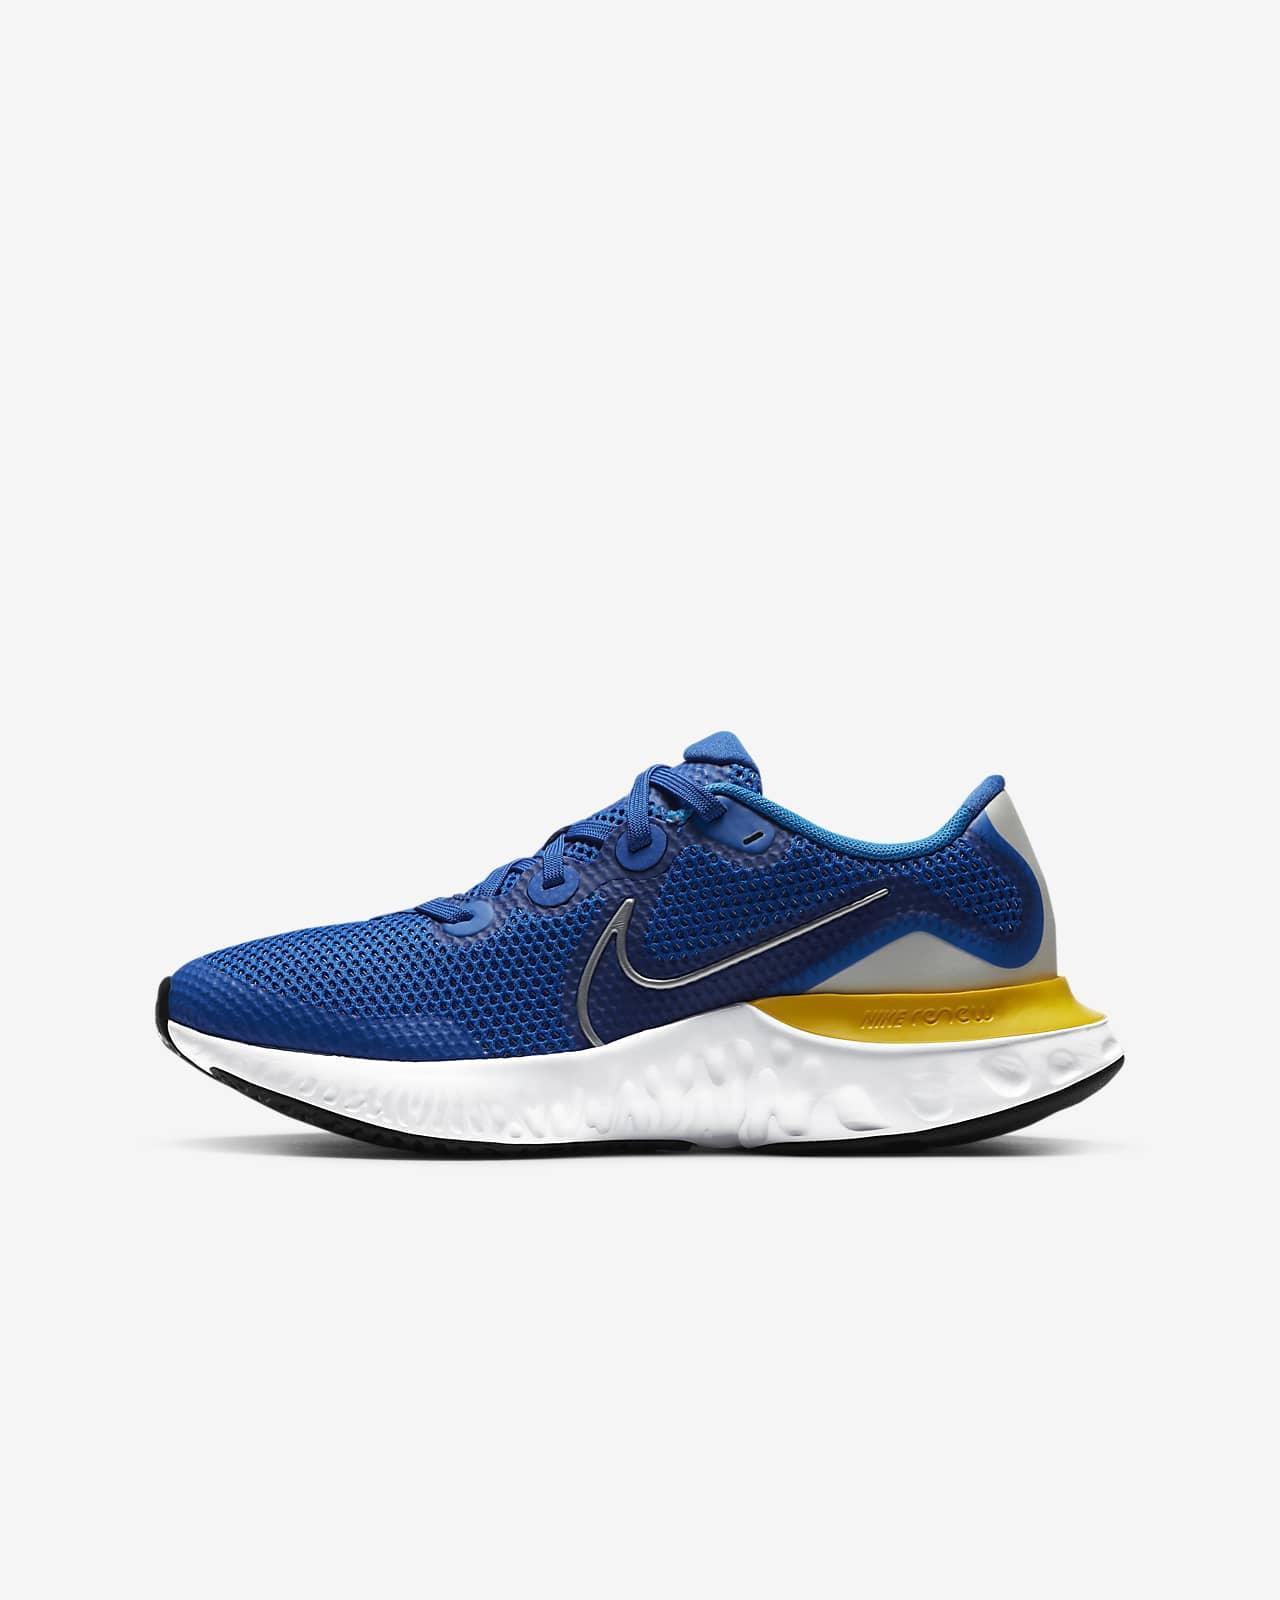 Běžecká bota Nike Renew Run pro větší děti